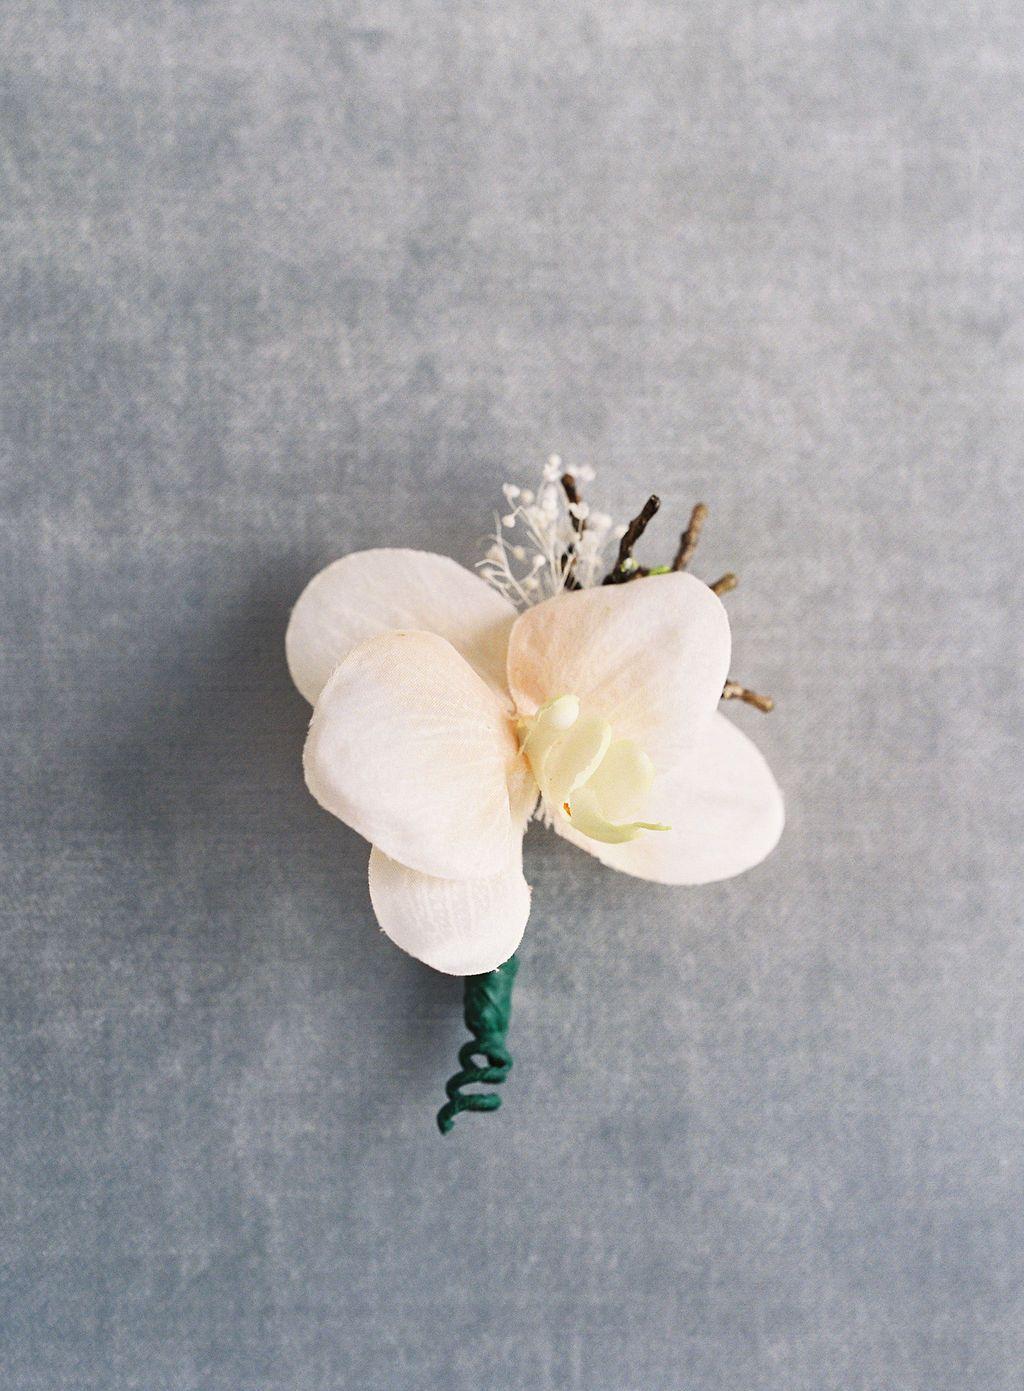 Something Borrowed Blooms In 2020 Silk Flowers Wedding Wedding Flower Alternatives Wedding Flowers